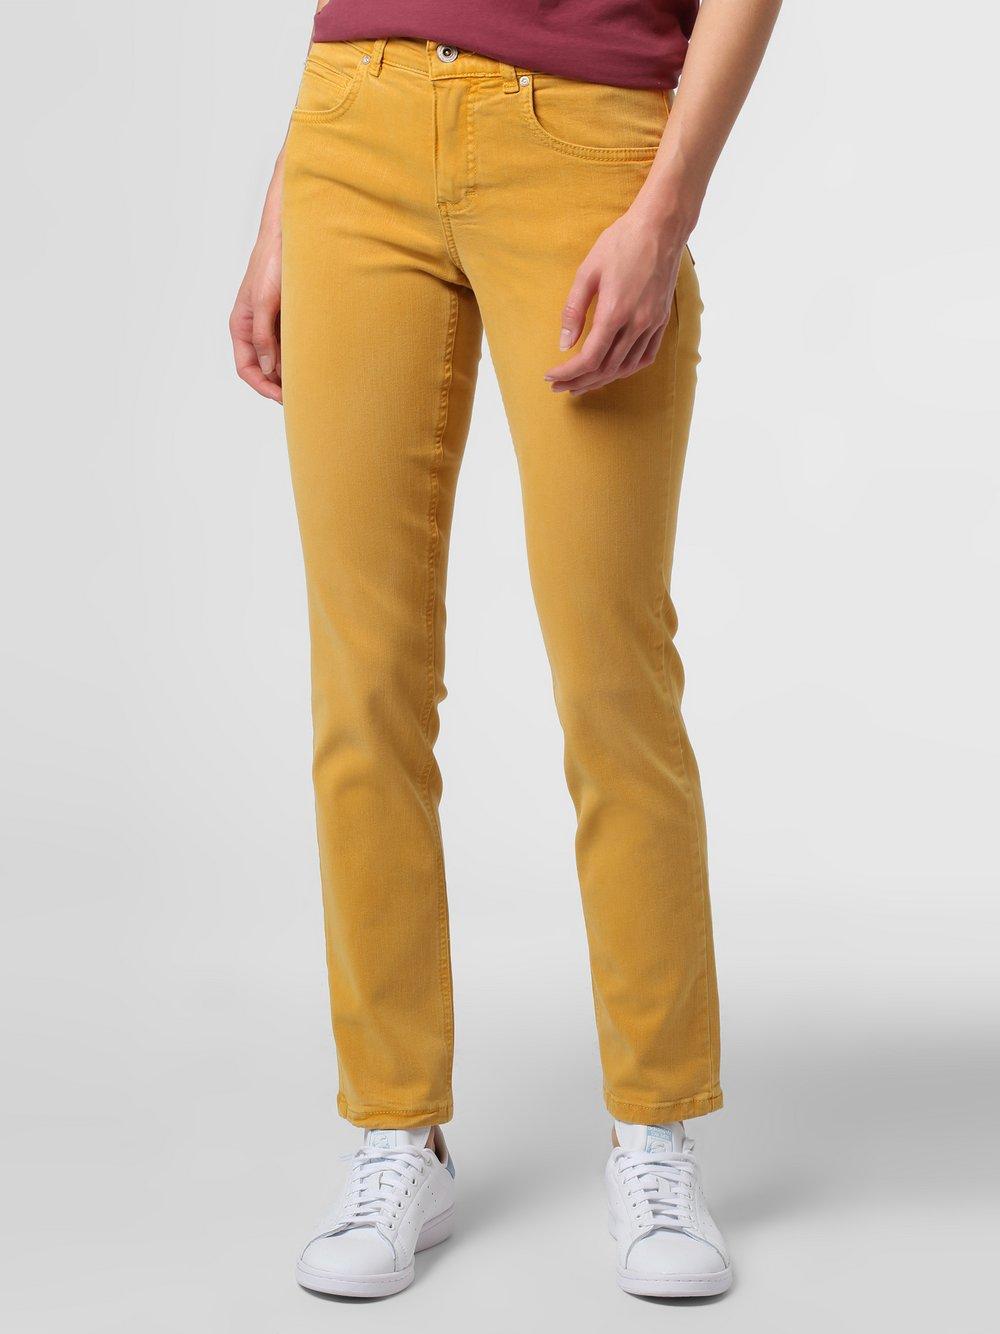 Angels - Spodnie damskie – Cici, żółty